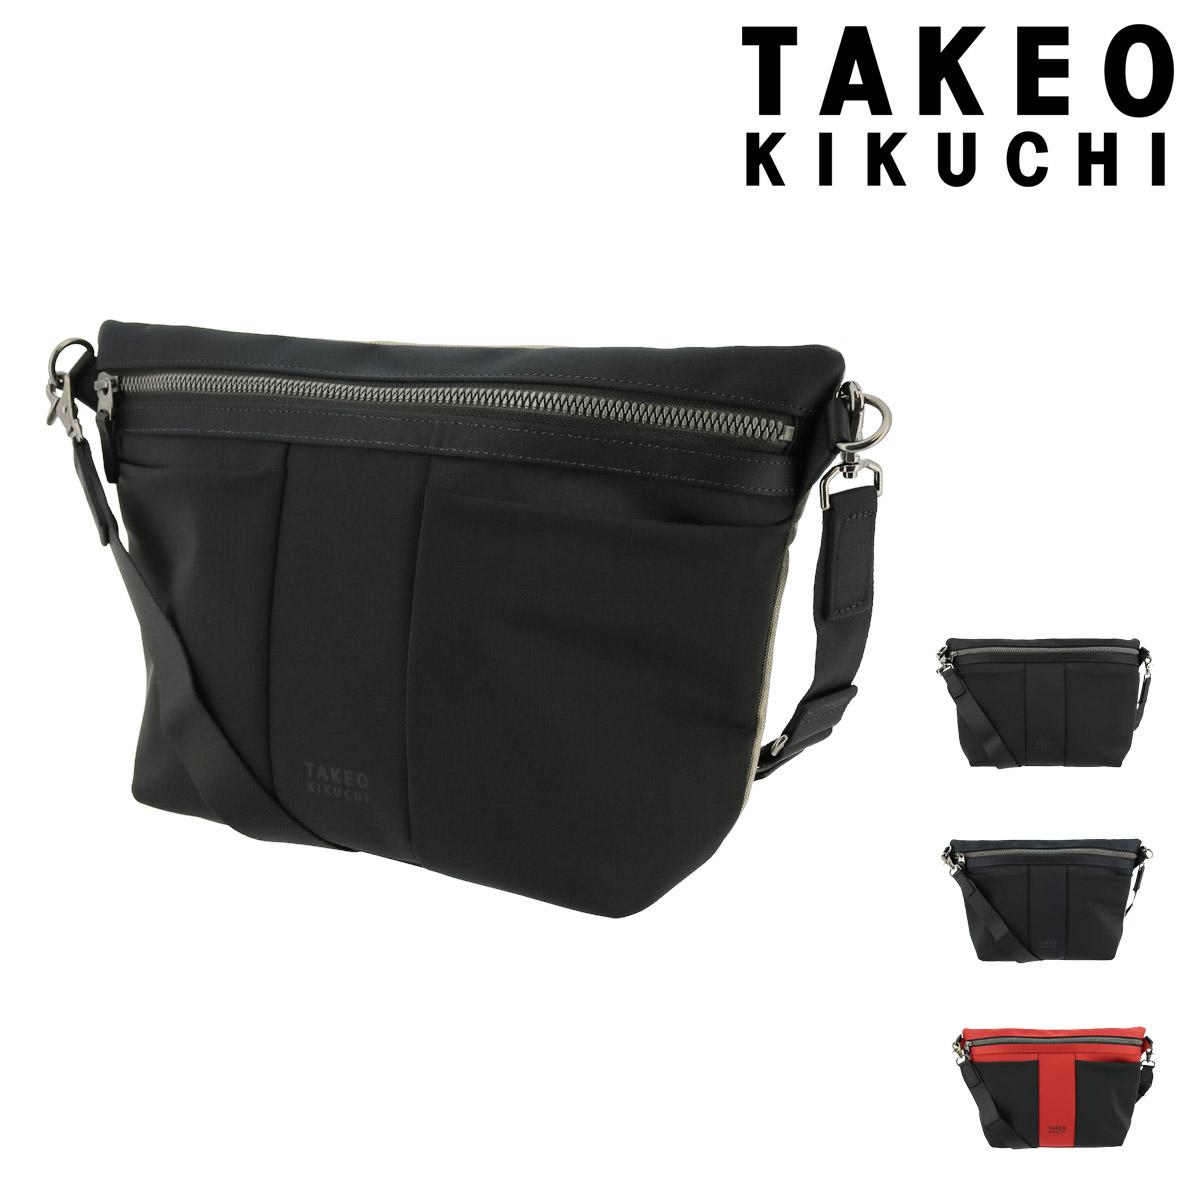 タケオキクチ メッセンジャーバッグ テムズ メンズ775102 日本製 TAKEO KIKUCHI | 撥水 軽量 [PO5][bef]